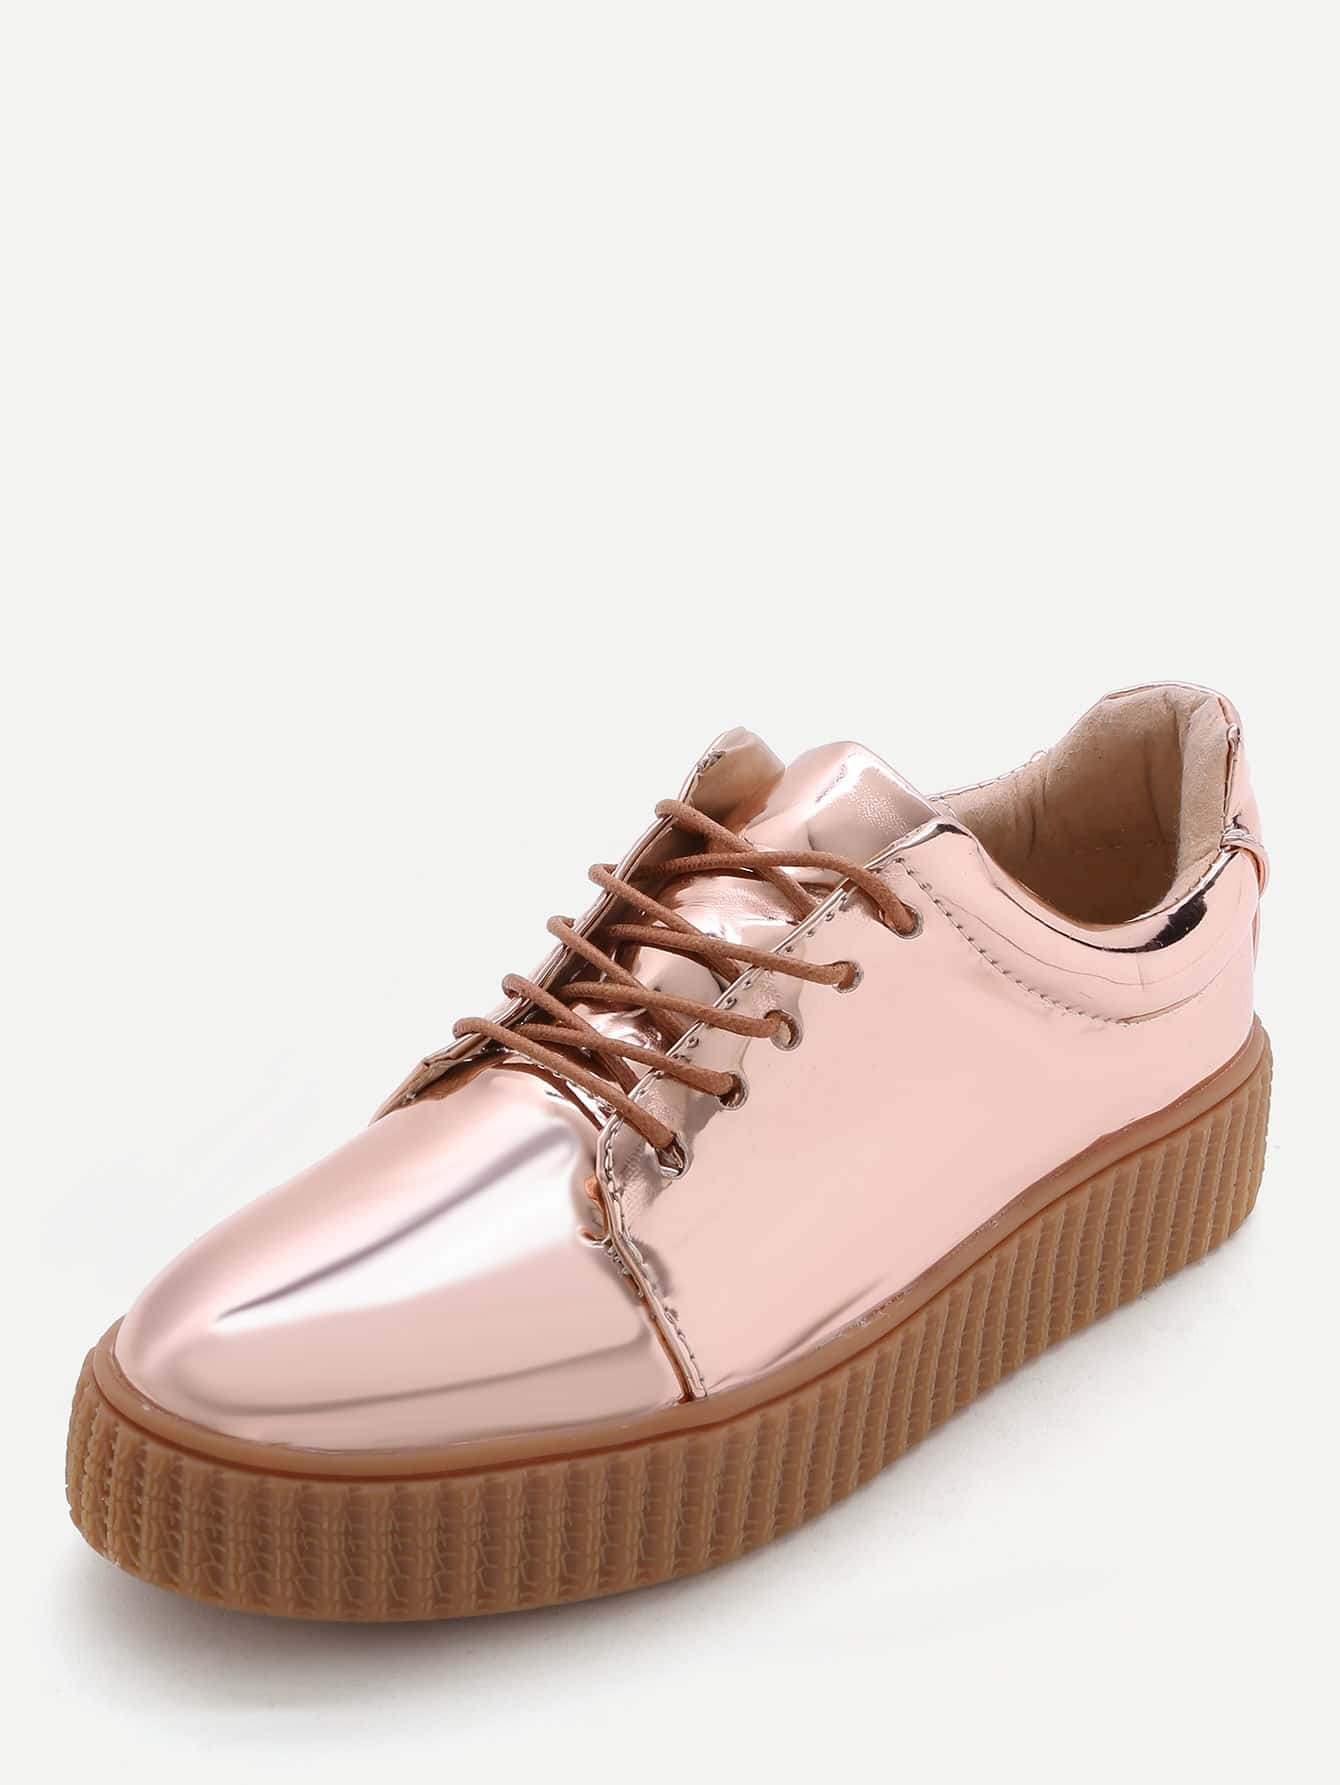 Shein Shoes Uk